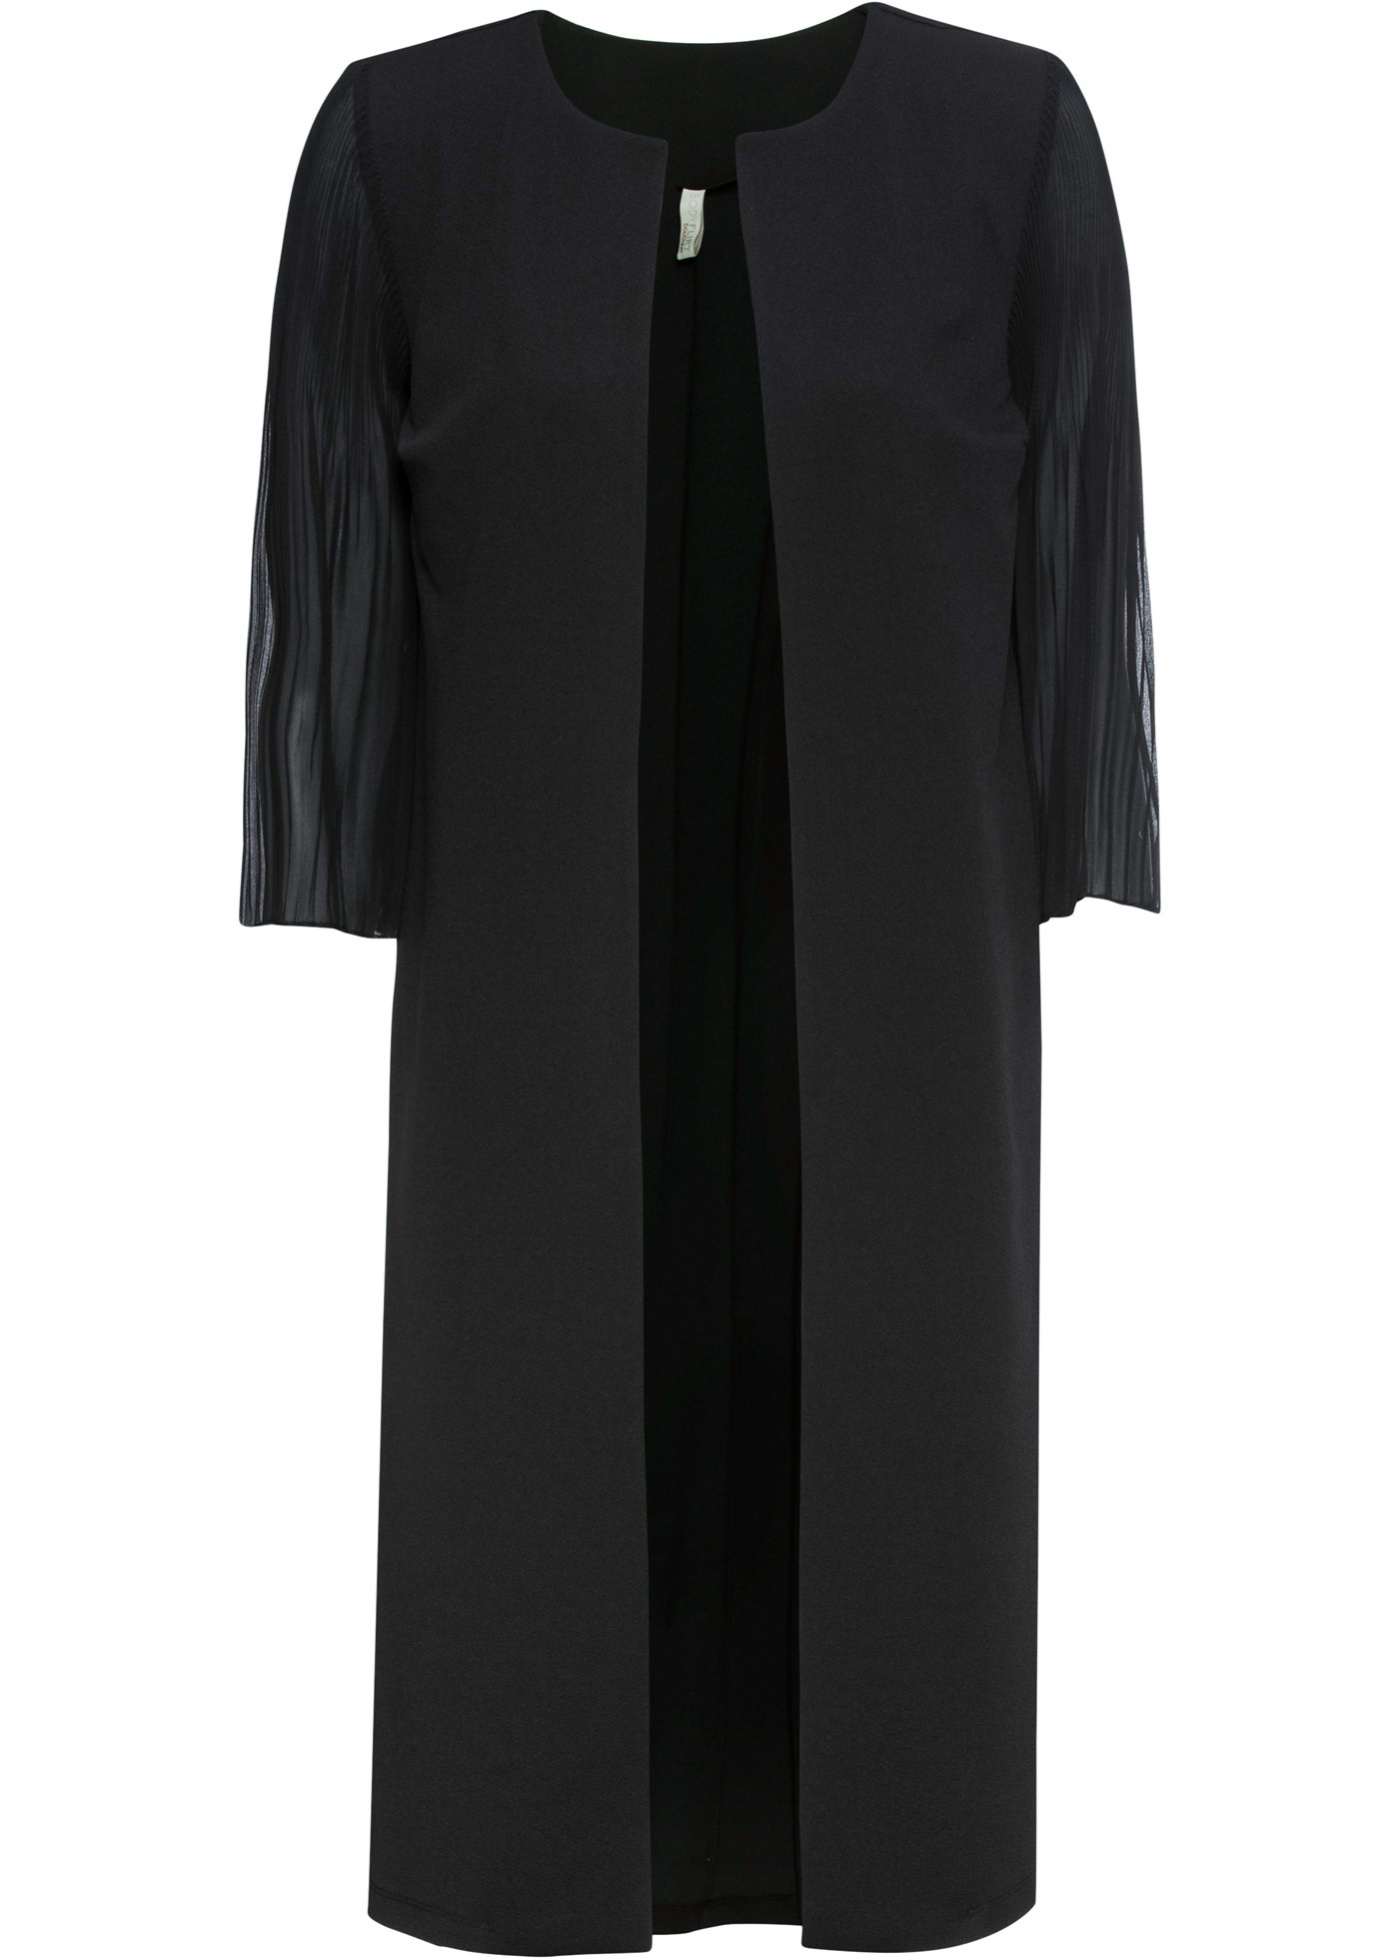 Blazer lungo con maniche plissettate (Nero) - BODYFLIRT boutique